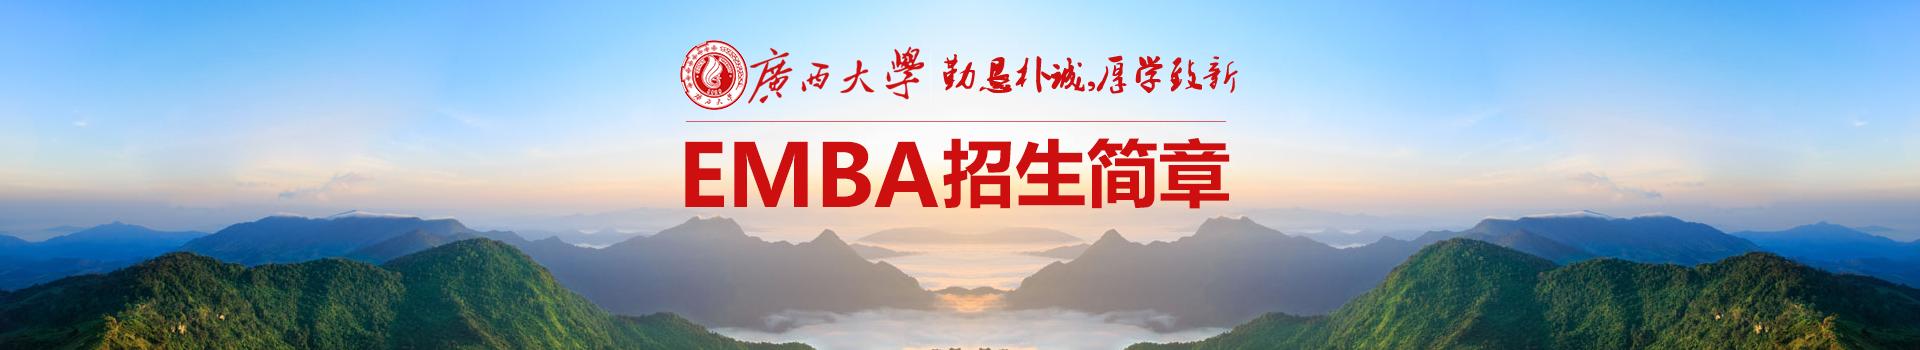 广西大学商学院高级工商管理硕士EMBA招生简章